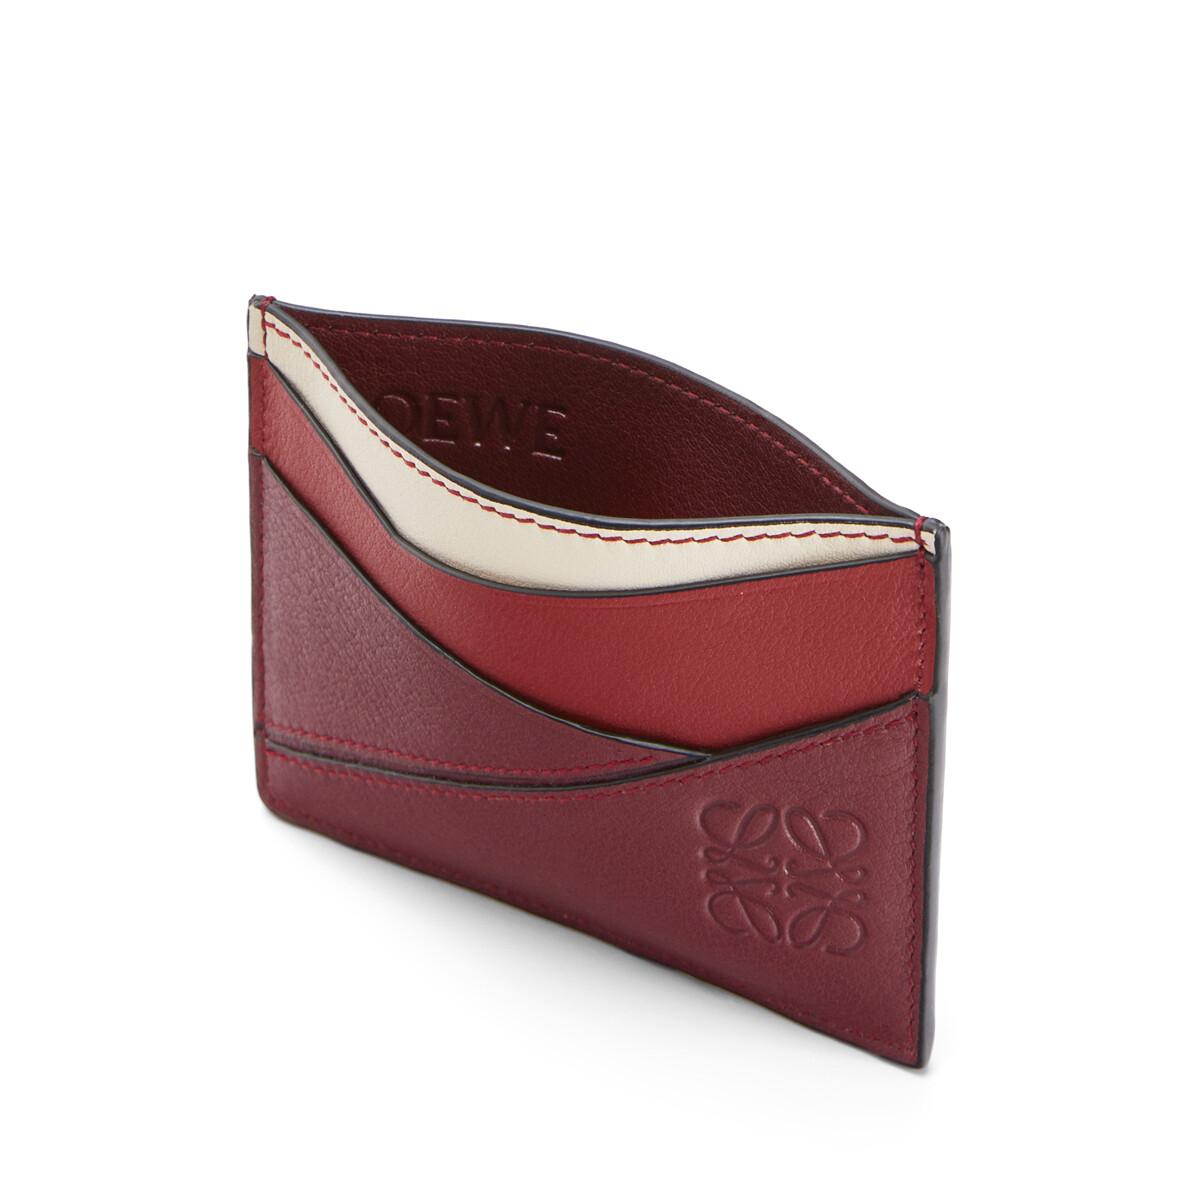 LOEWE パズル プレーン カードホルダー Wine/Garnet front